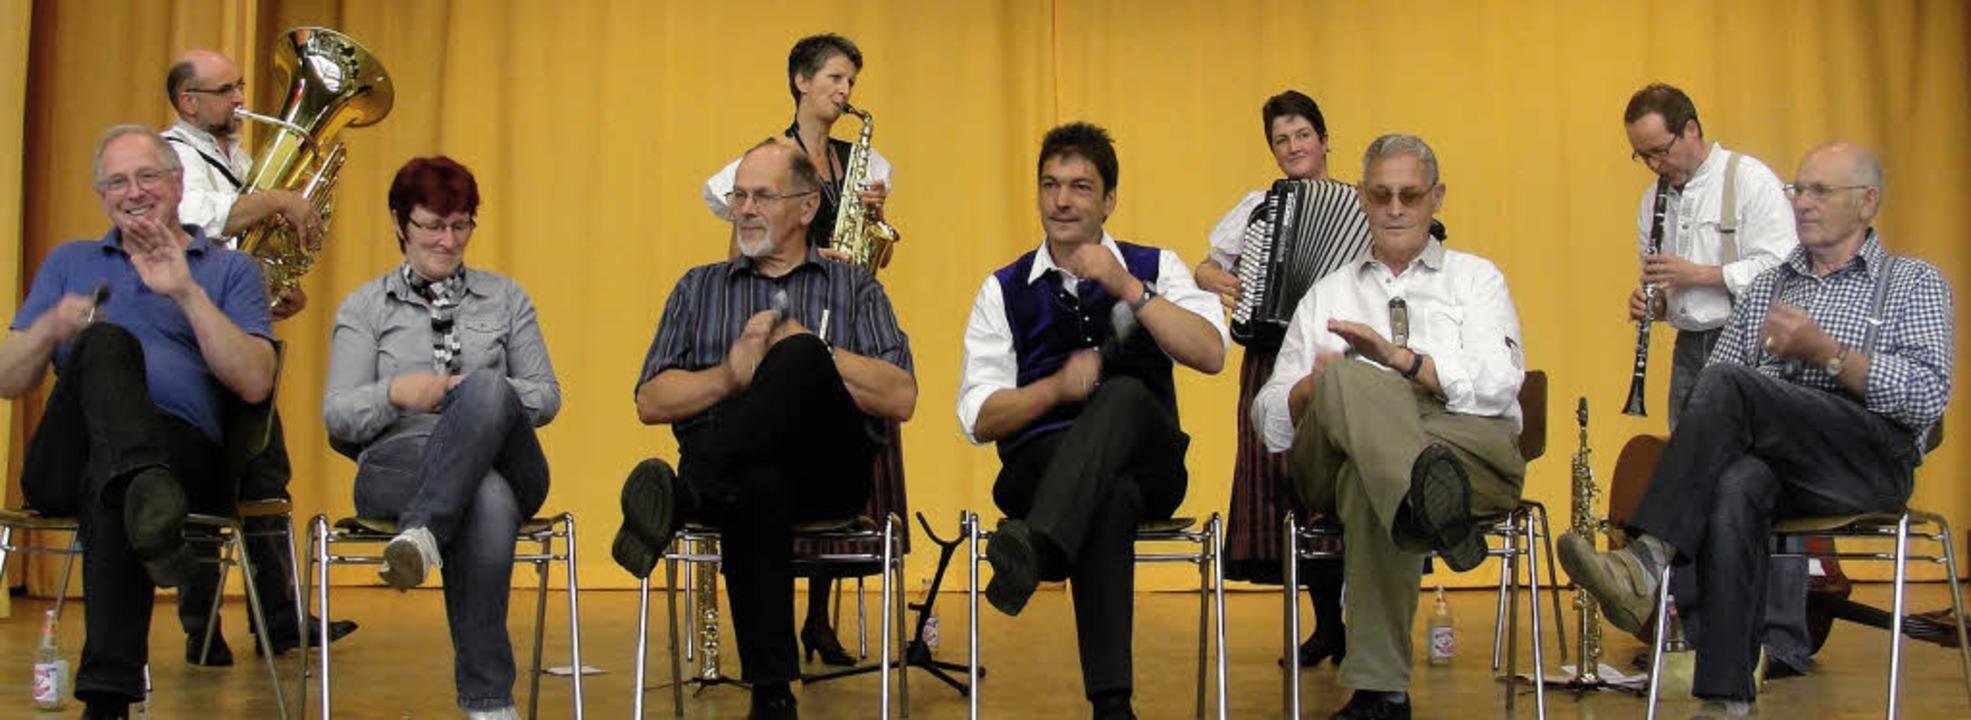 """Der von Bürgermeister Wirbser geleitet... Polka der """"Firobe Musik"""".    Foto: Tina Hättich"""